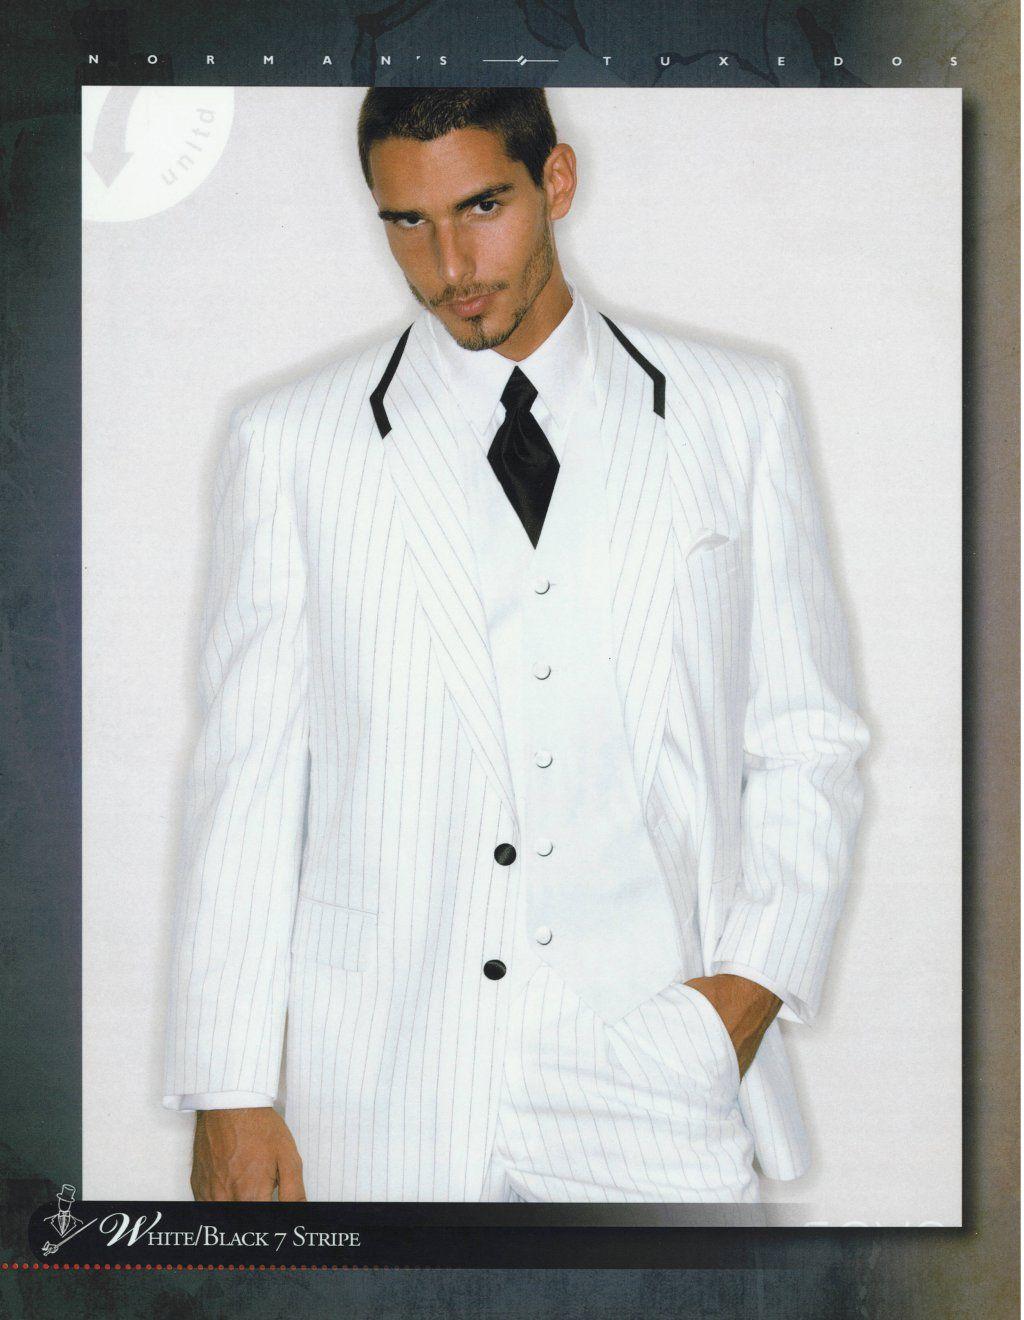 Black Tuxedos White Tuxedos Ivory Tuxedos Color Tuxedos Suits ...